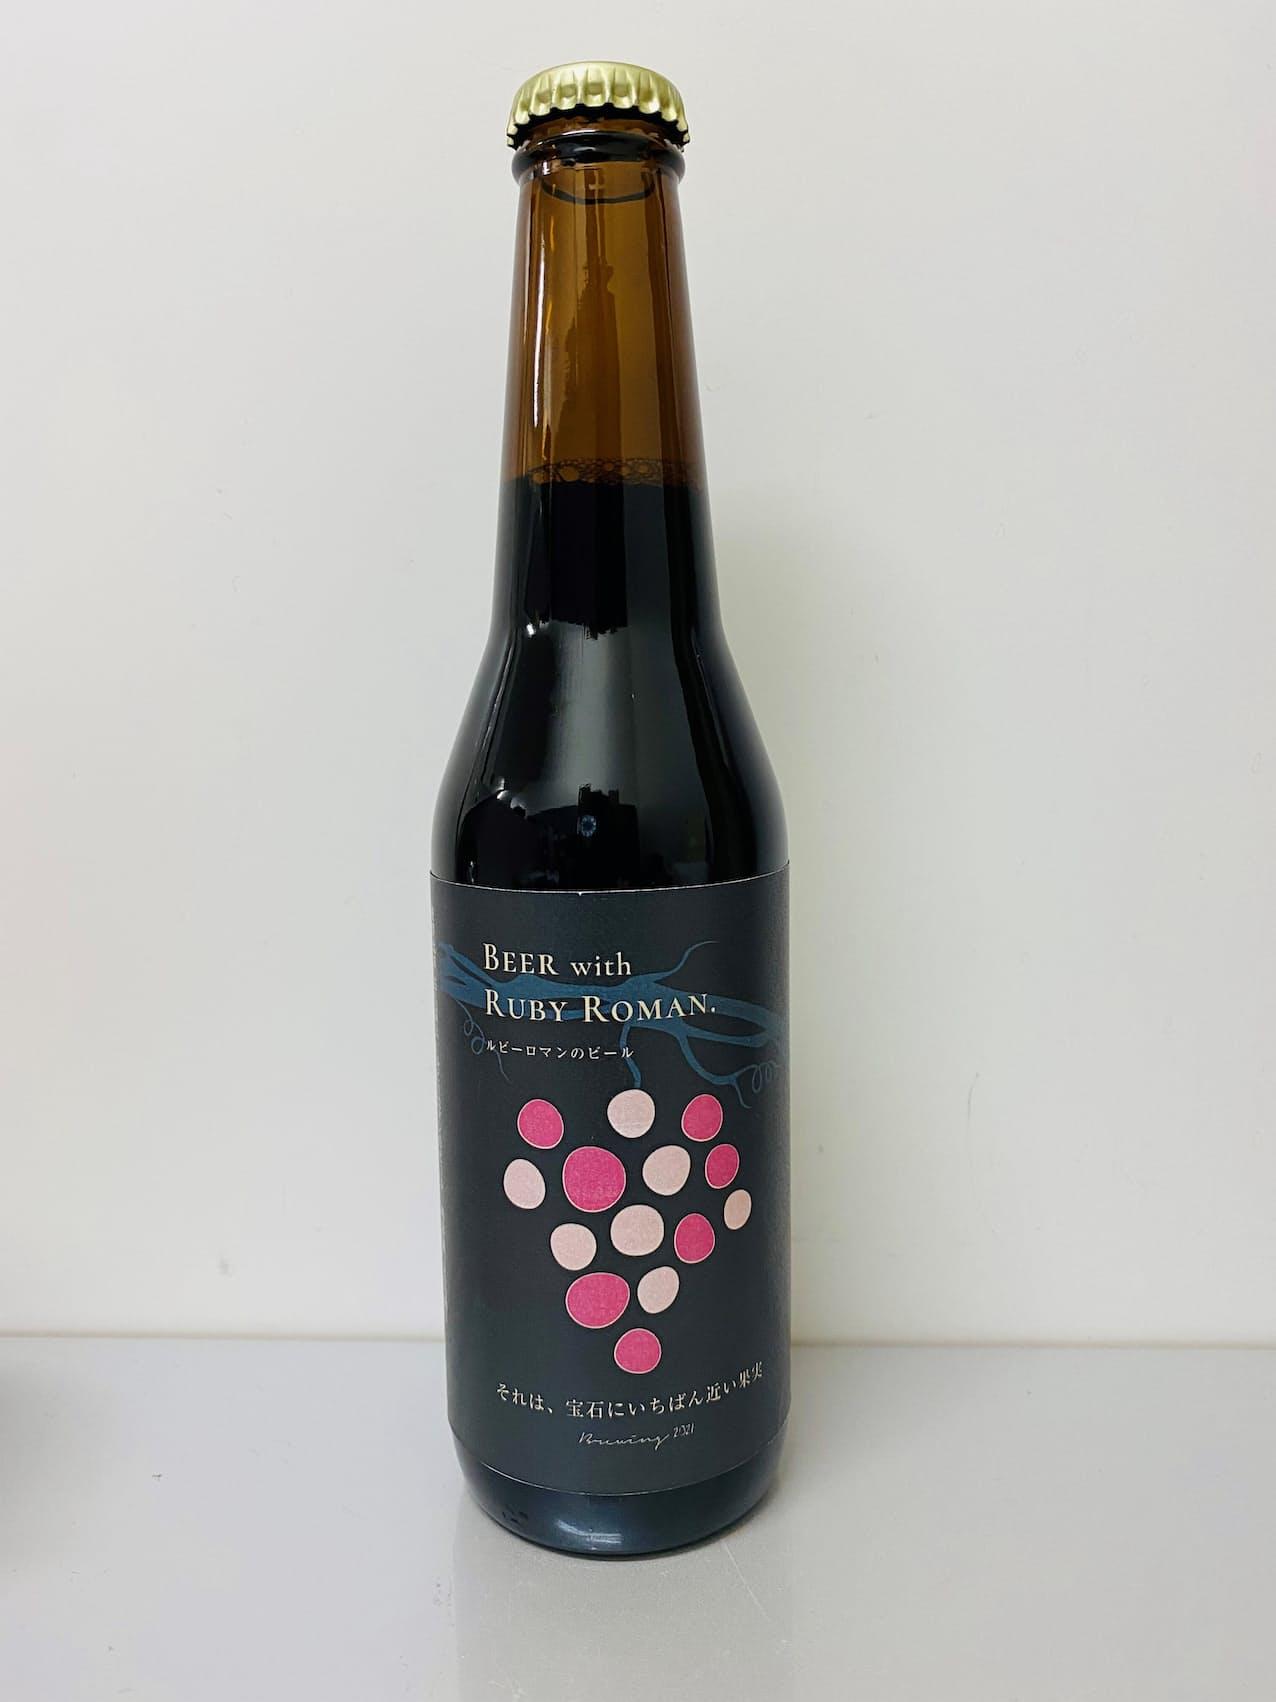 ほろ苦さとブドウのほんのりとした甘みを楽しめる(ルビーロマンを使ったビール)